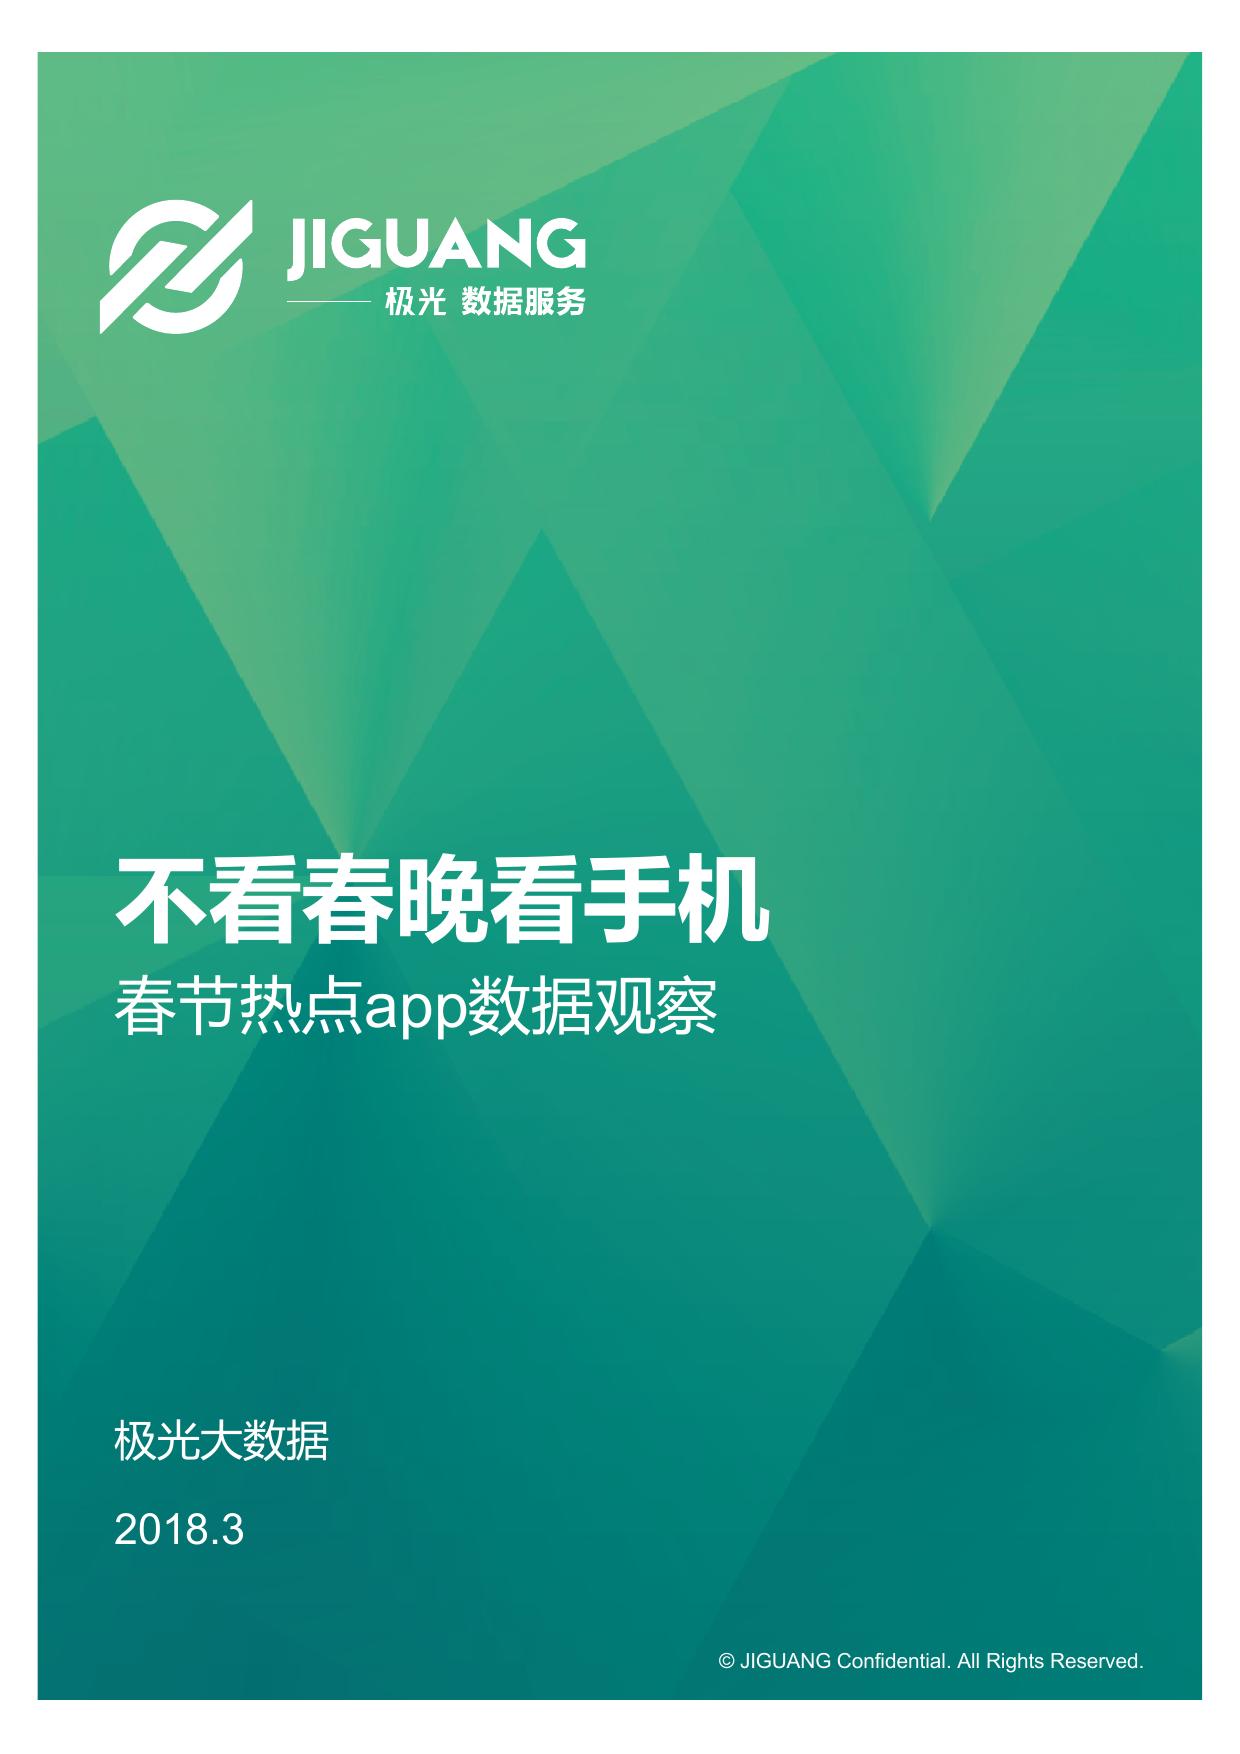 极光大数据:2018春节期间热点app数据观察(附下载)